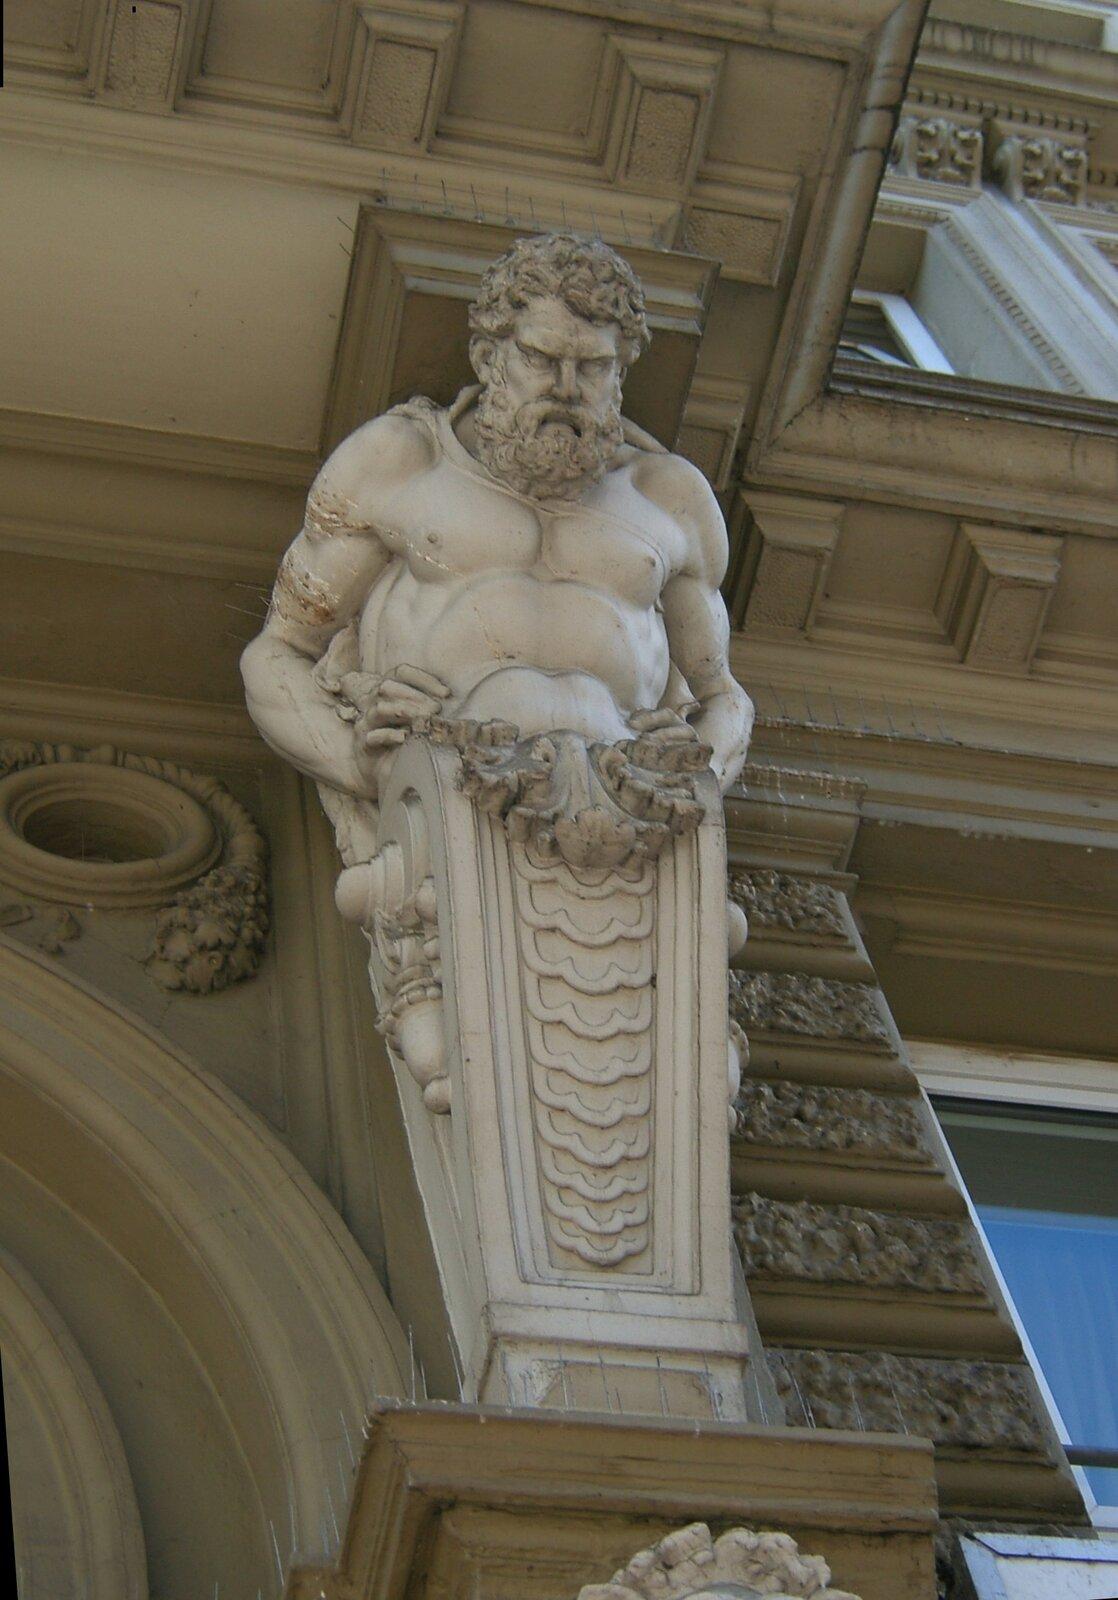 Ilustracja przedstawia ornament – atlant. Element dekoracyjny przymocowany jest do części portalu iprzedstawia on umięśnionego mężczyznę zbrodą. Prawdopodobnie jest to mitologiczny Bóg.